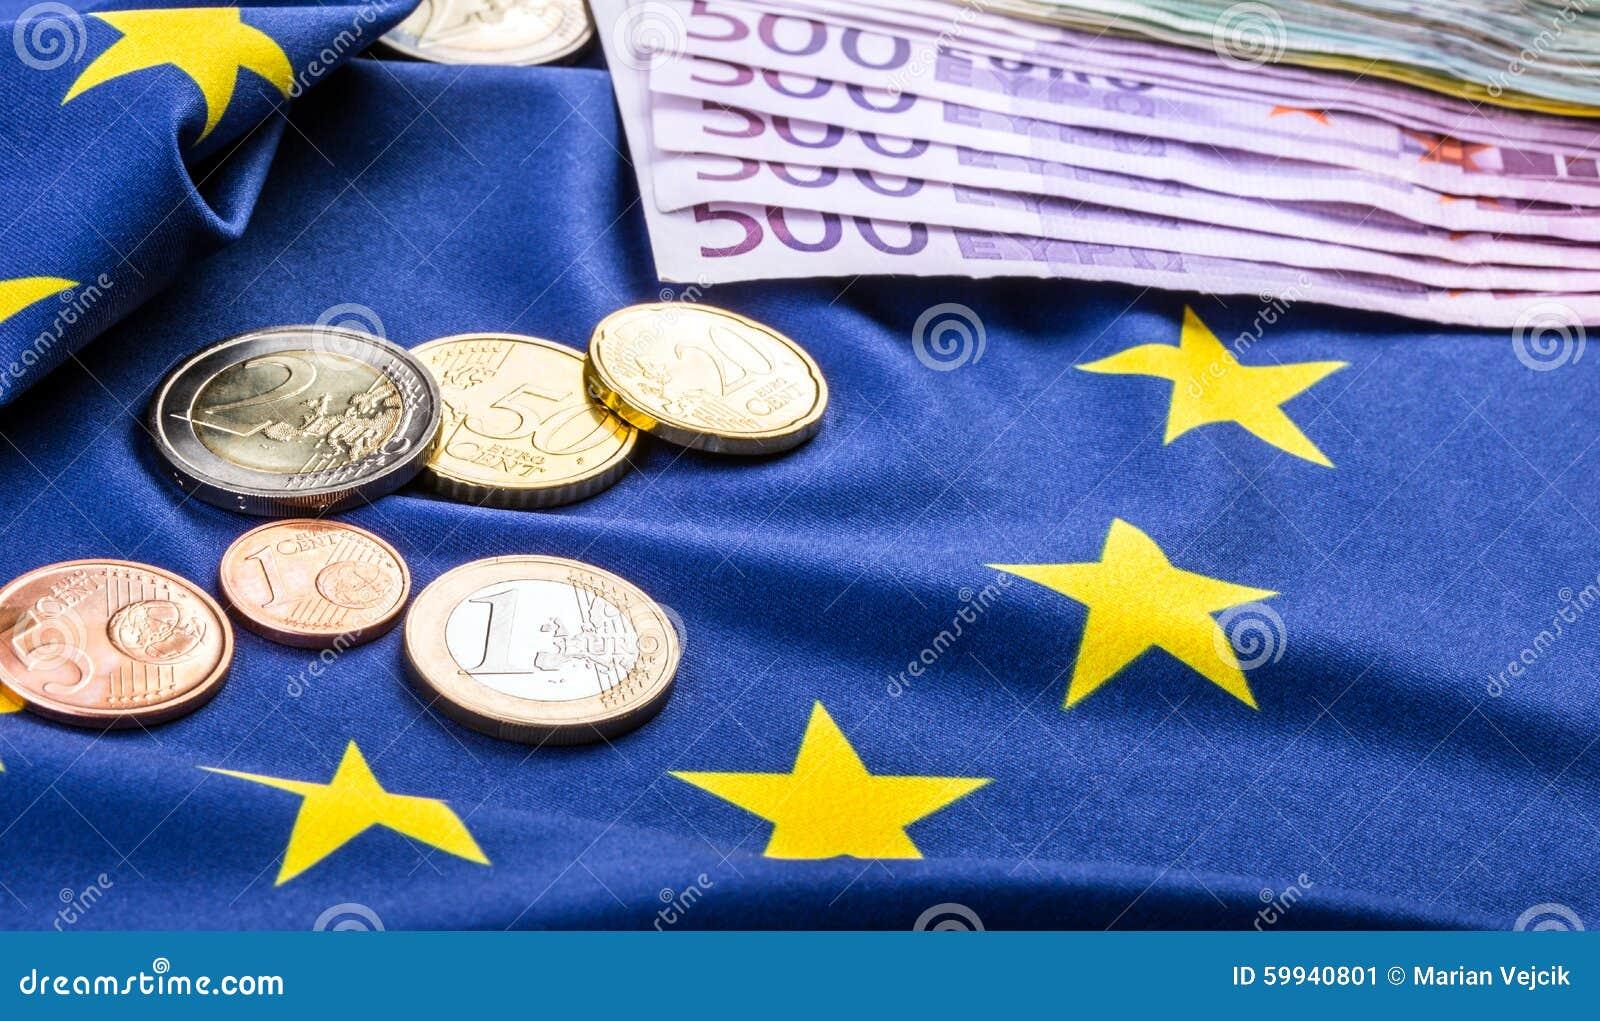 Ευρωπαϊκή σημαία και ευρο- χρήματα Ευρωπαϊκό νόμισμα νομισμάτων και τραπεζογραμματίων που τοποθετούνται ελεύθερα στην ΕΥΡ